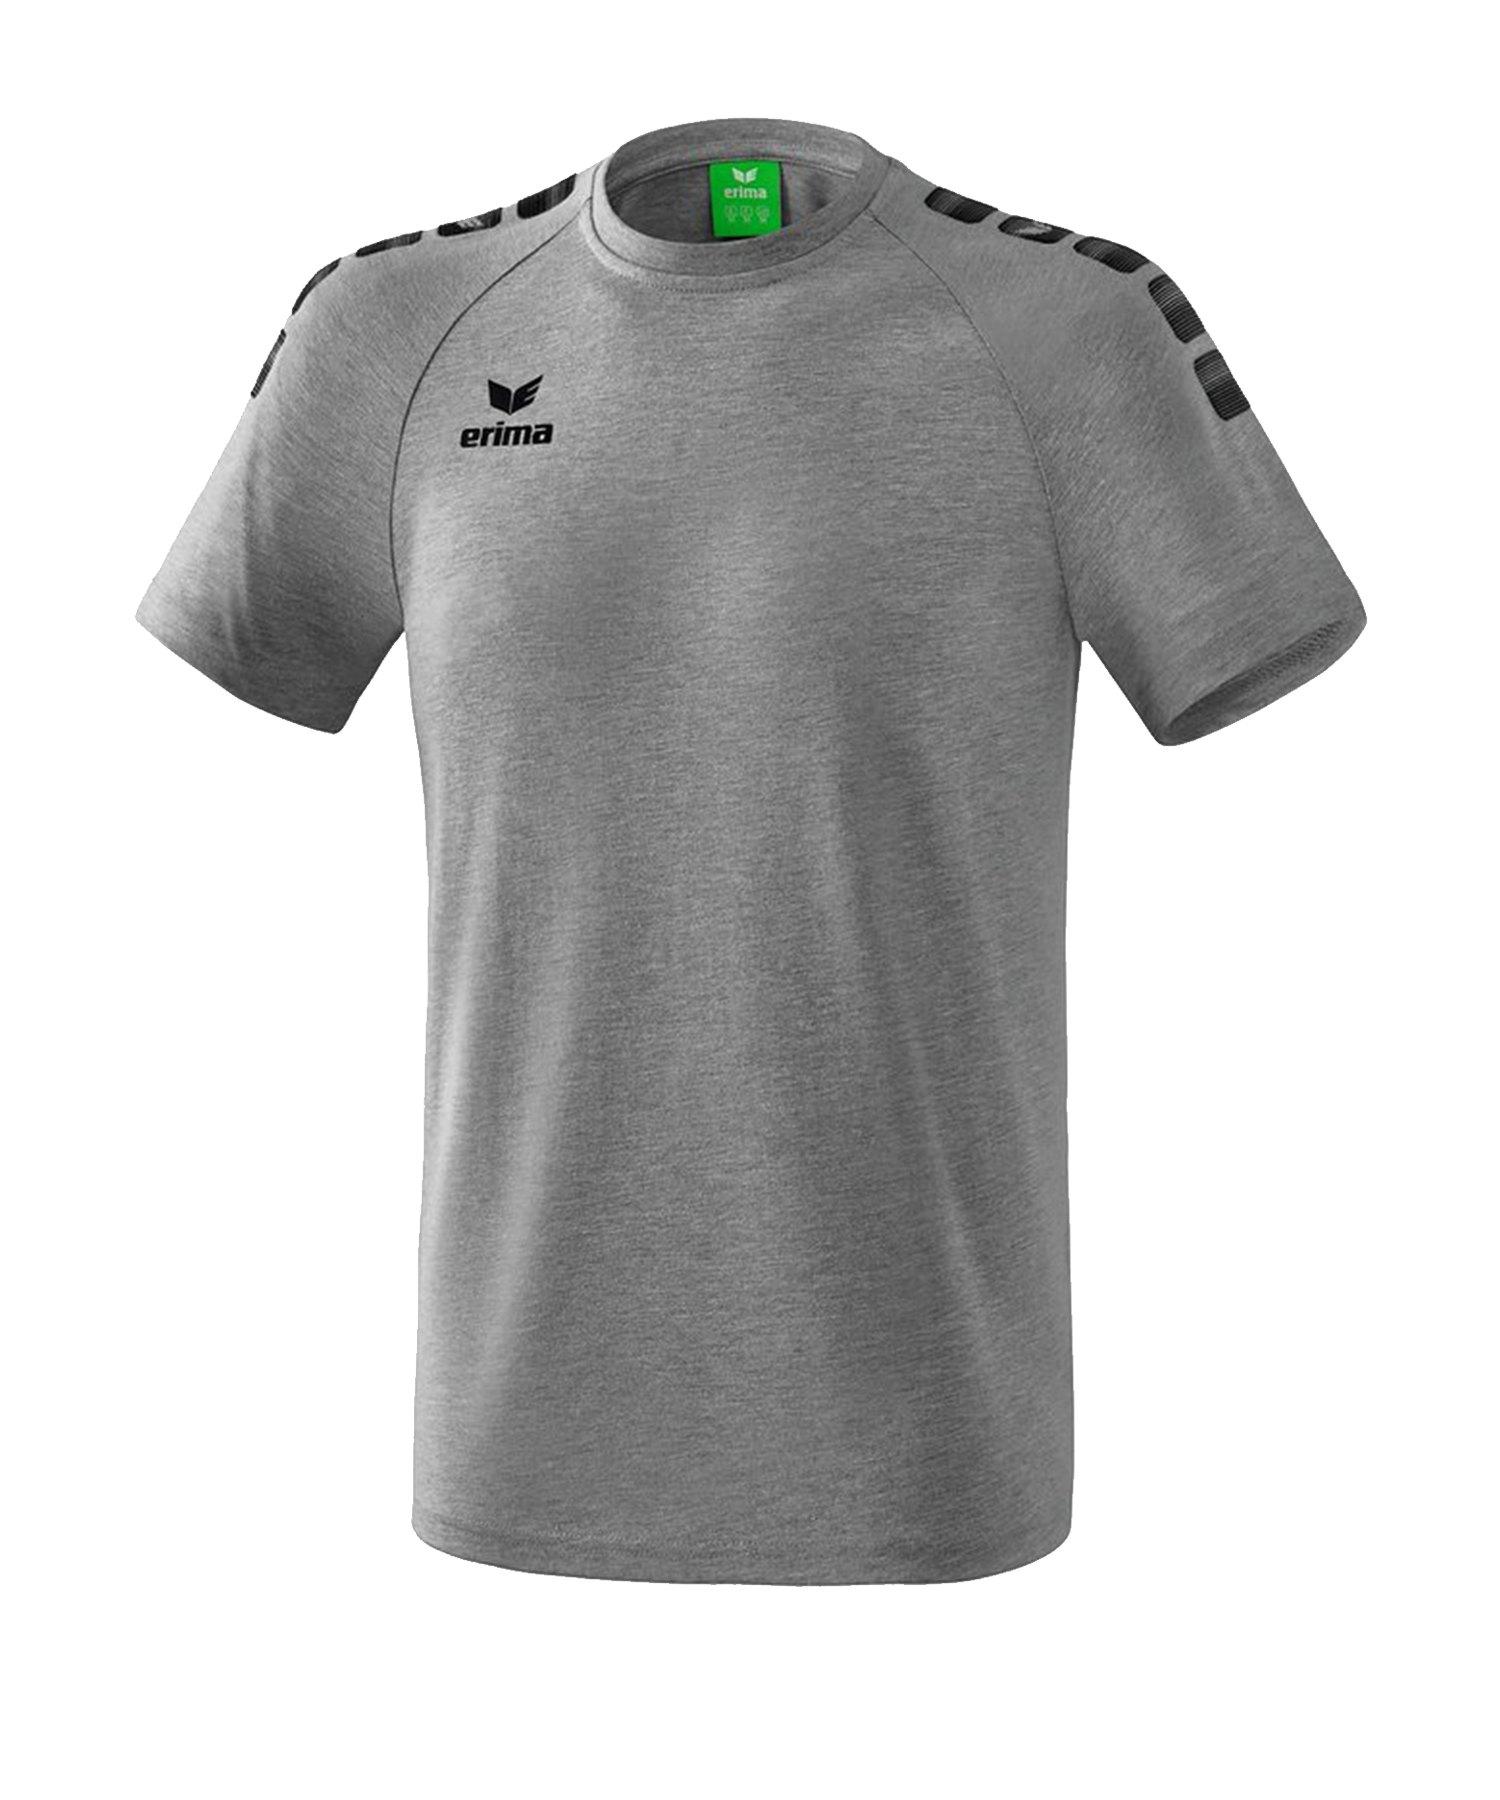 Erima Essential 5-C T-Shirt Kids Grau Schwarz - Grau